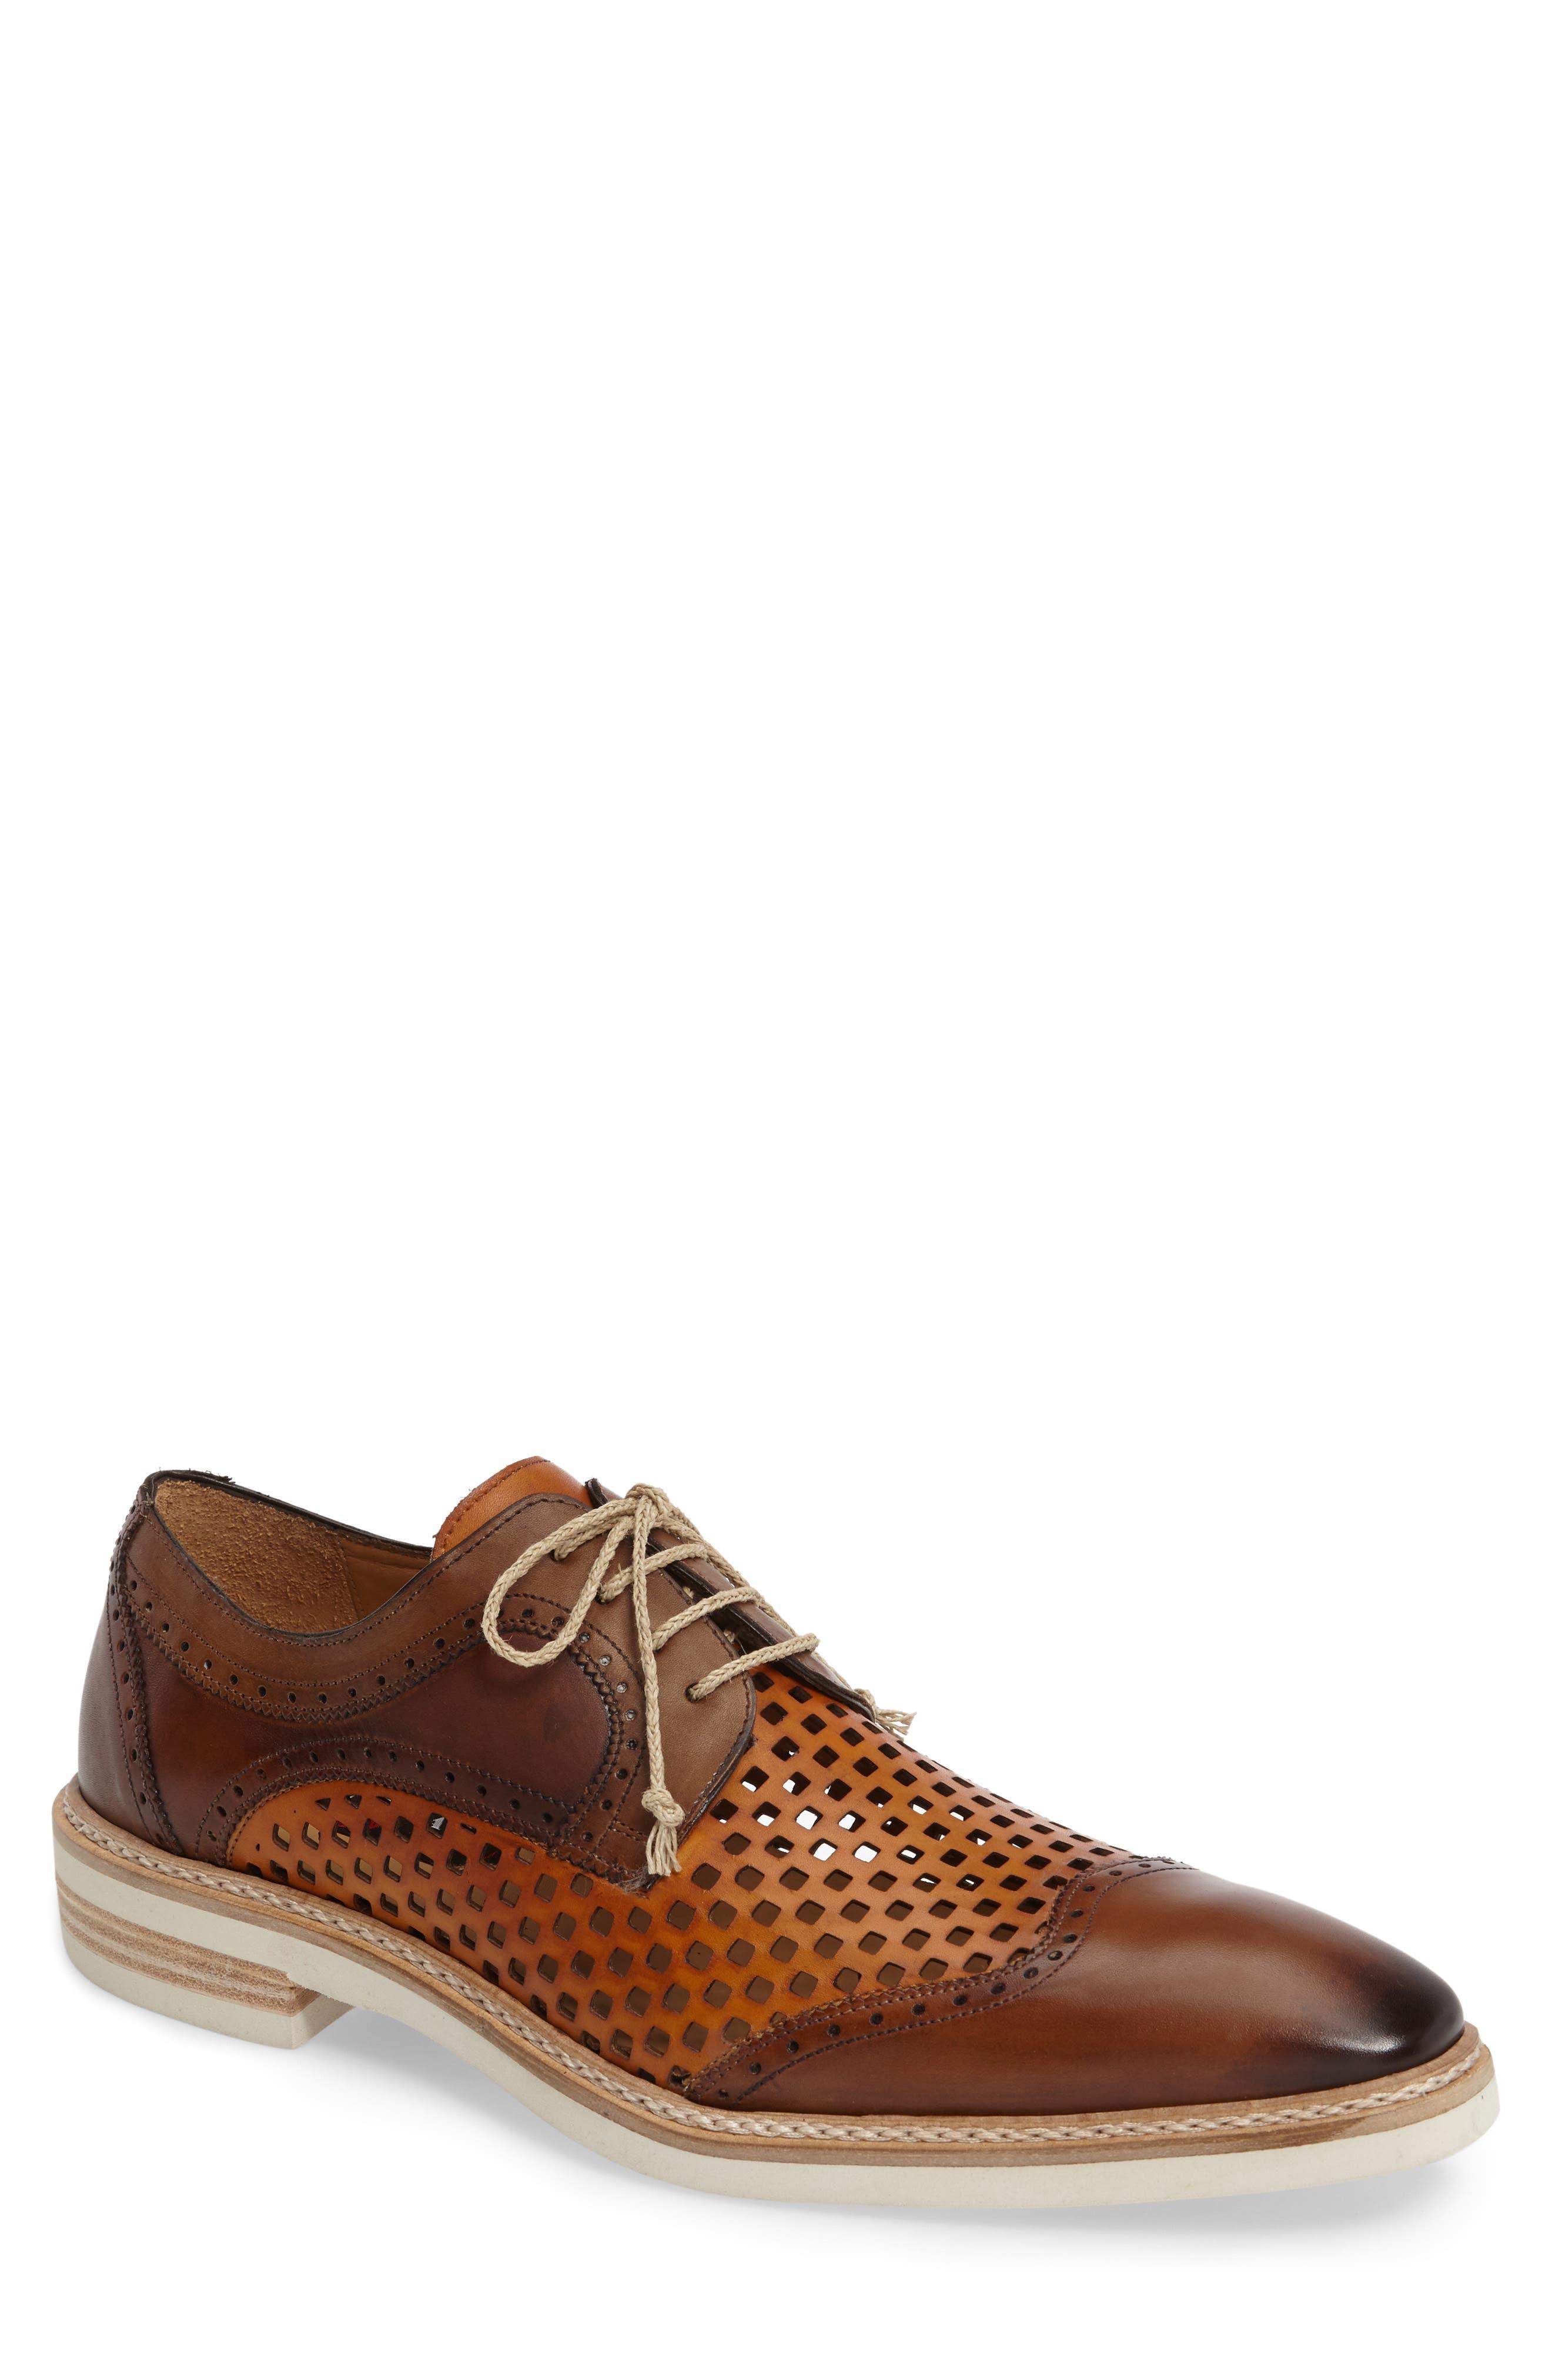 Alvarez Spectator Shoe,                             Main thumbnail 1, color,                             Cognac Multi Leather